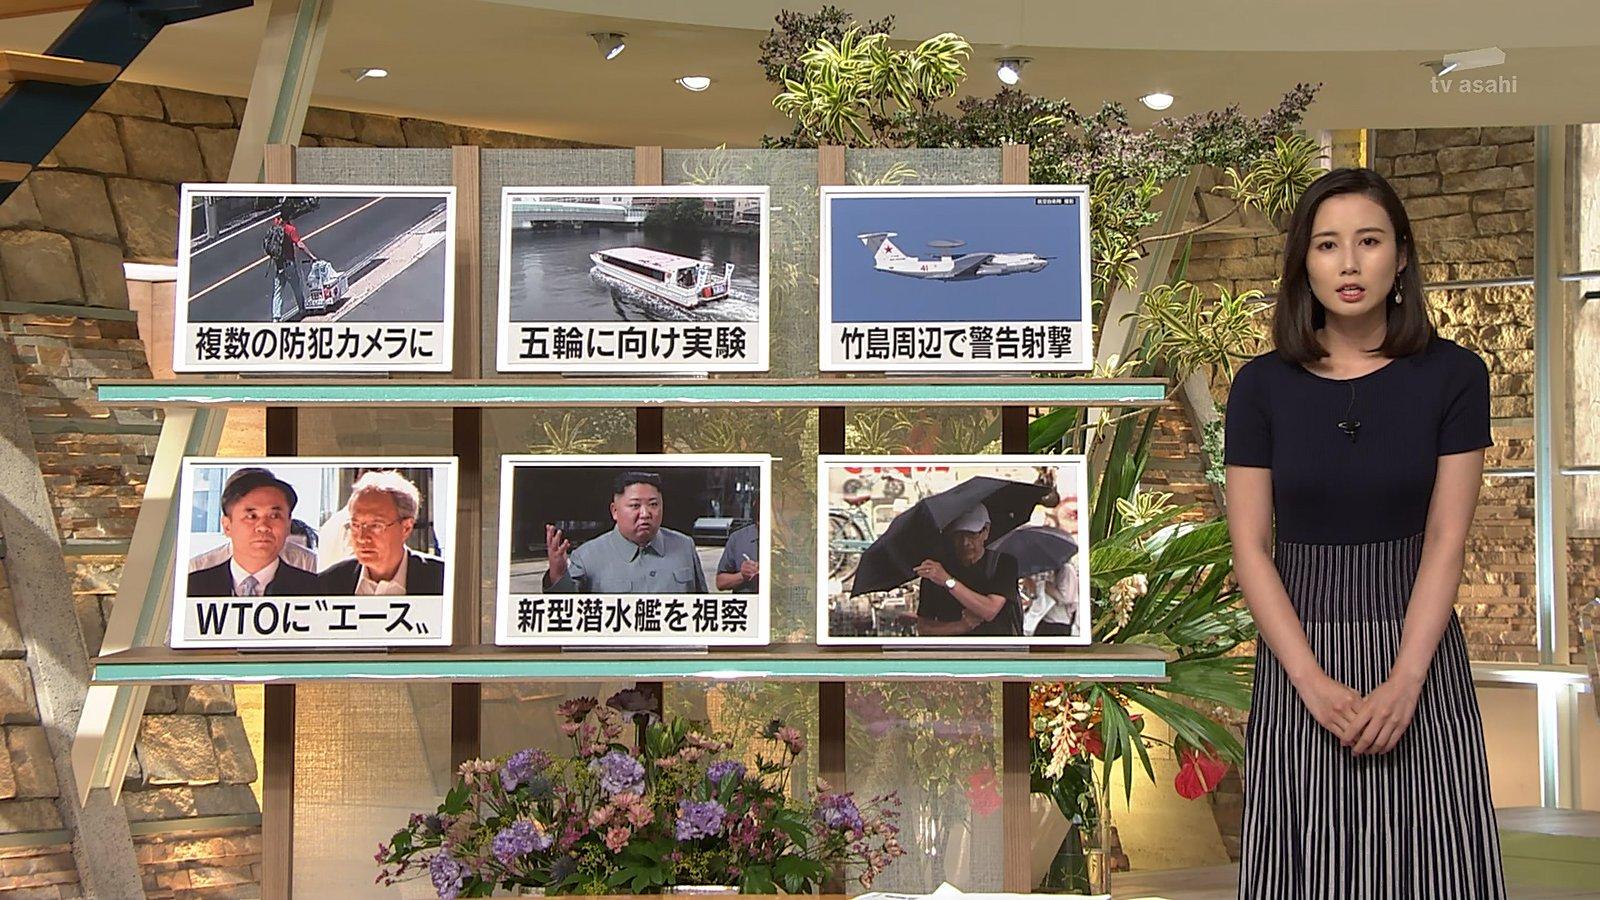 2019年7月23日「報道ステーション」森川夕貴さんのテレビキャプチャー画像-050